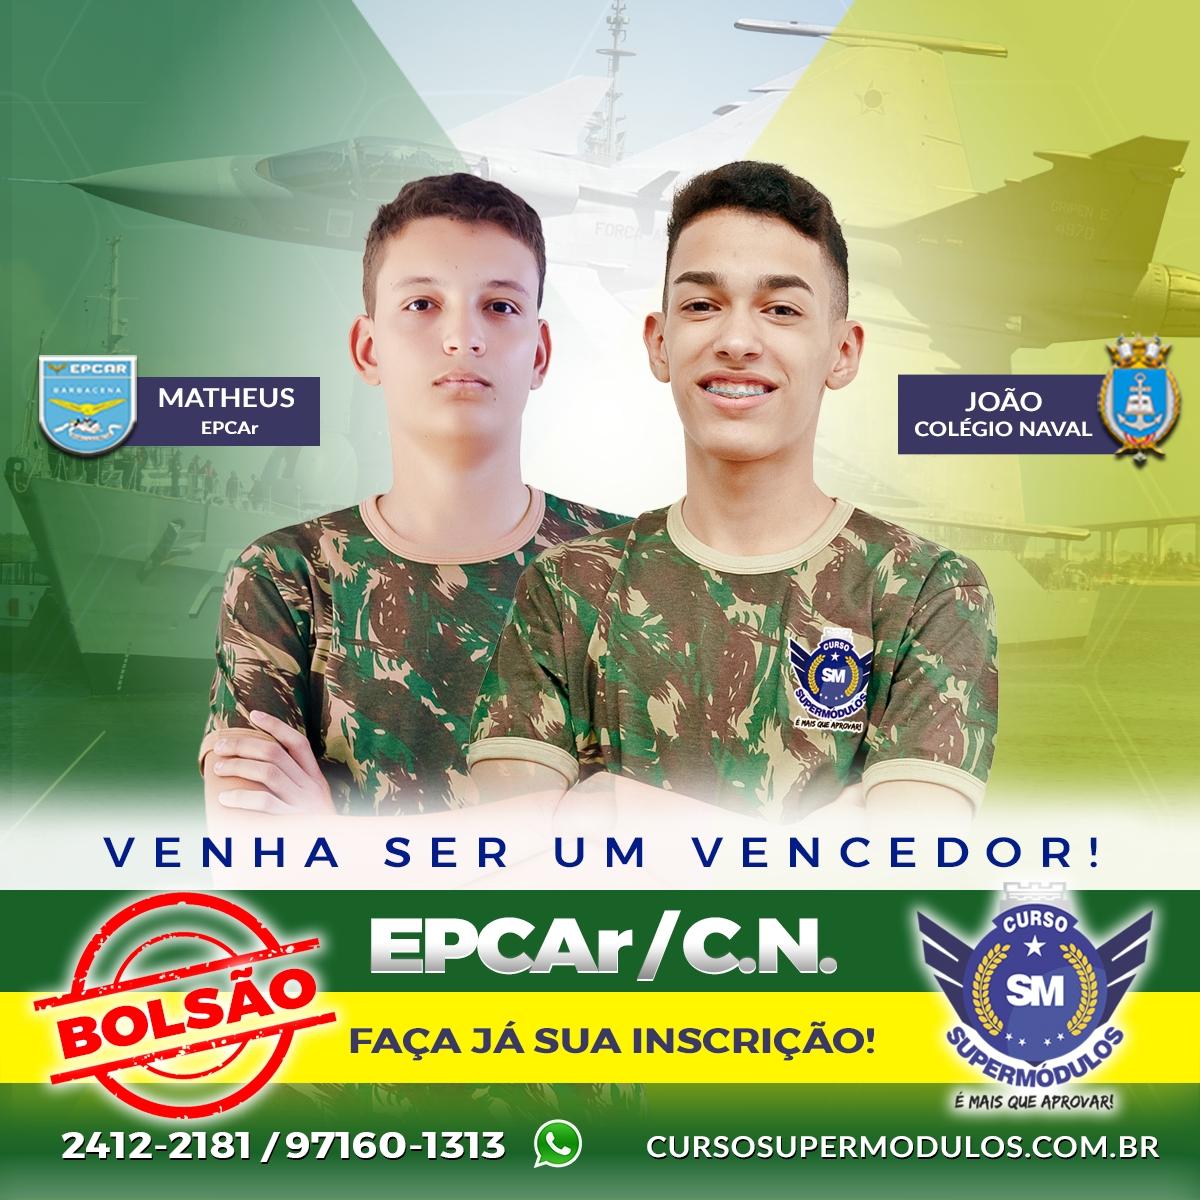 Bolsão Epcar / Colégio Naval